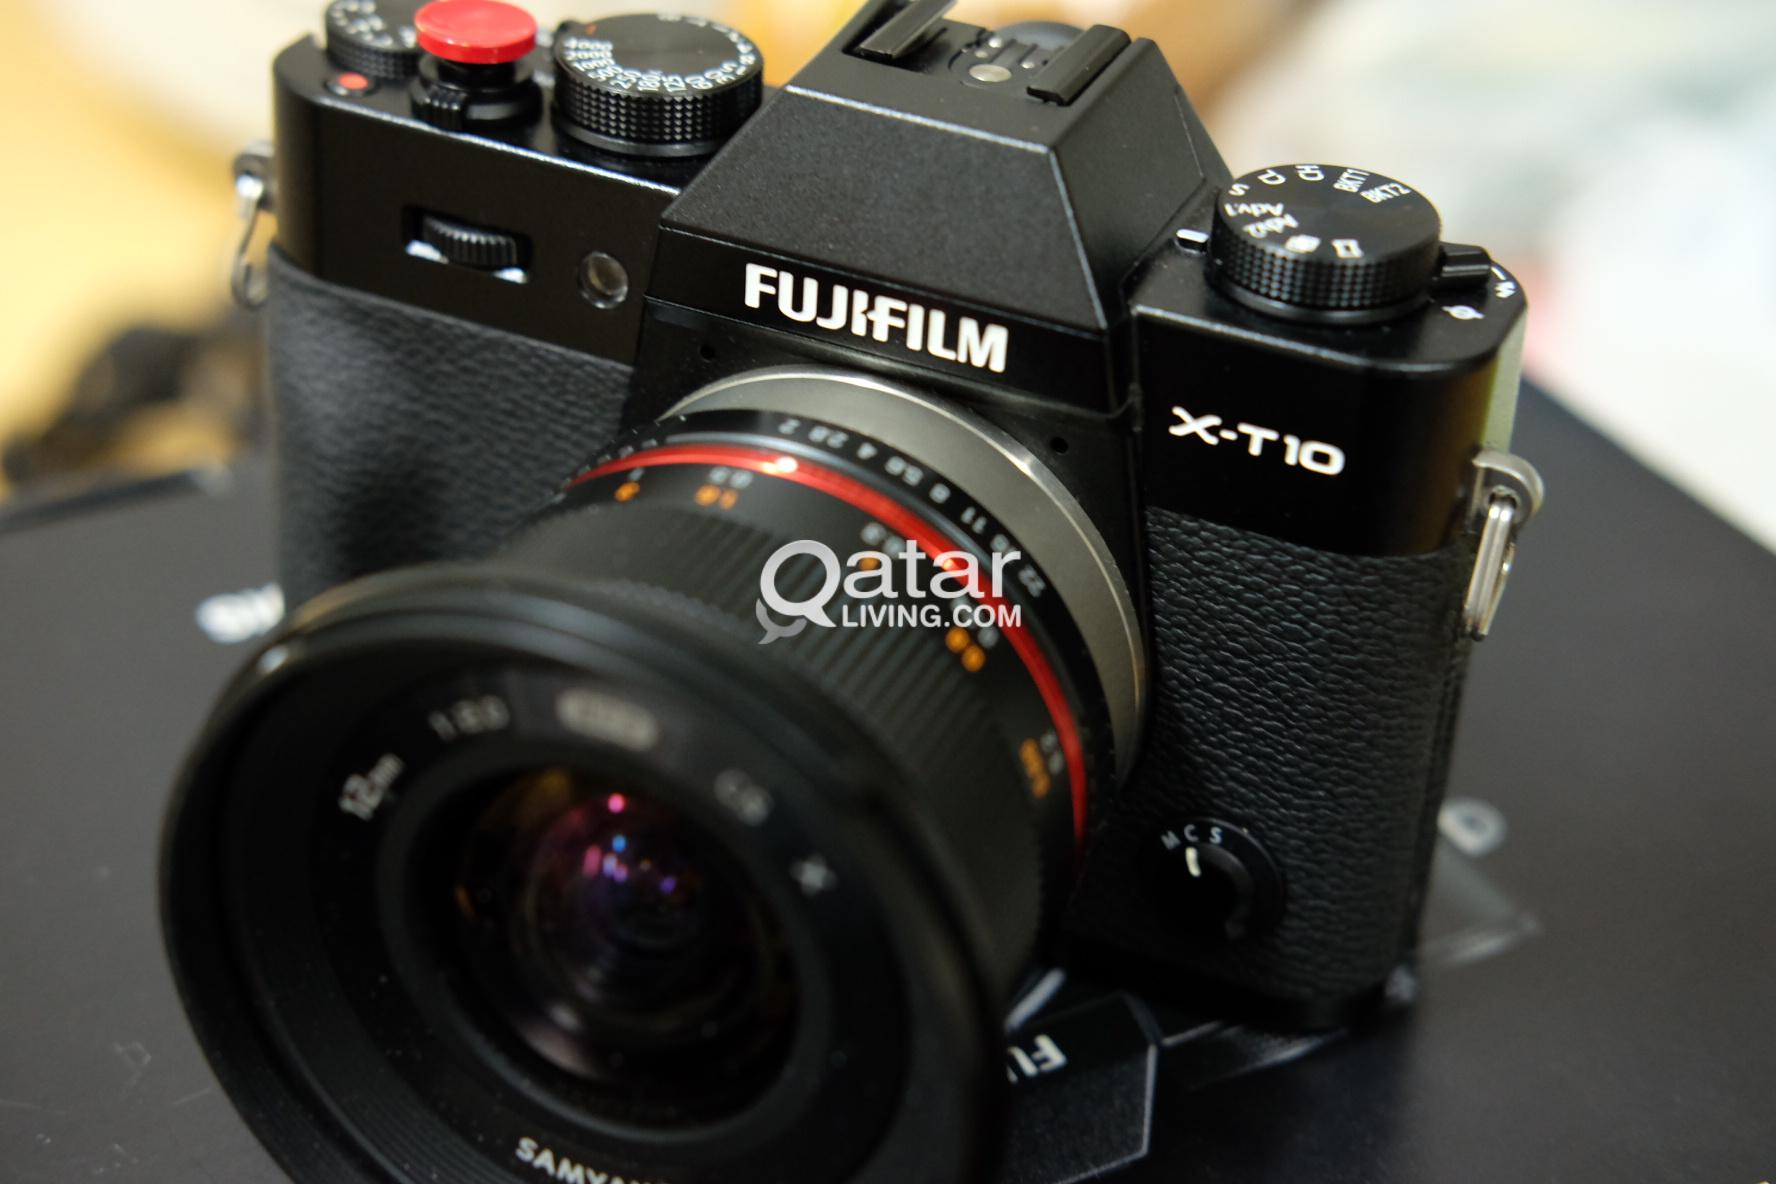 Fuji Fujifilm XT10 with samyang 12mm f2 | Qatar Living